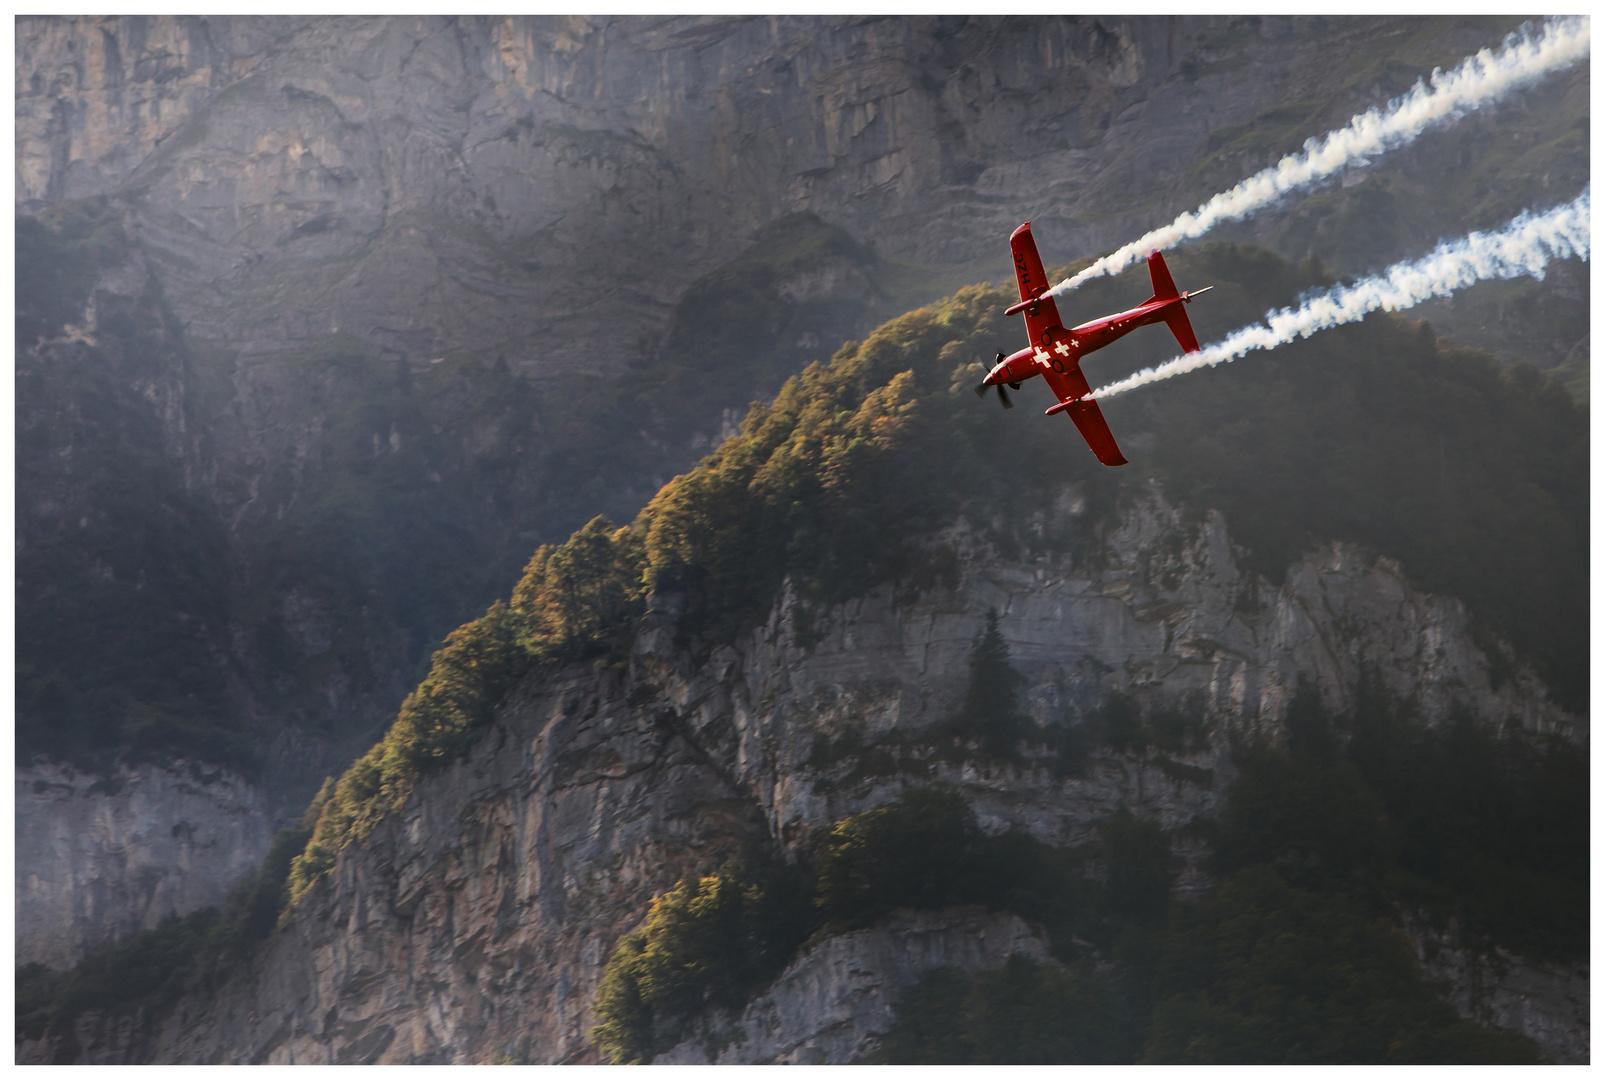 Zigermeet 2013 - Pilatus PC21